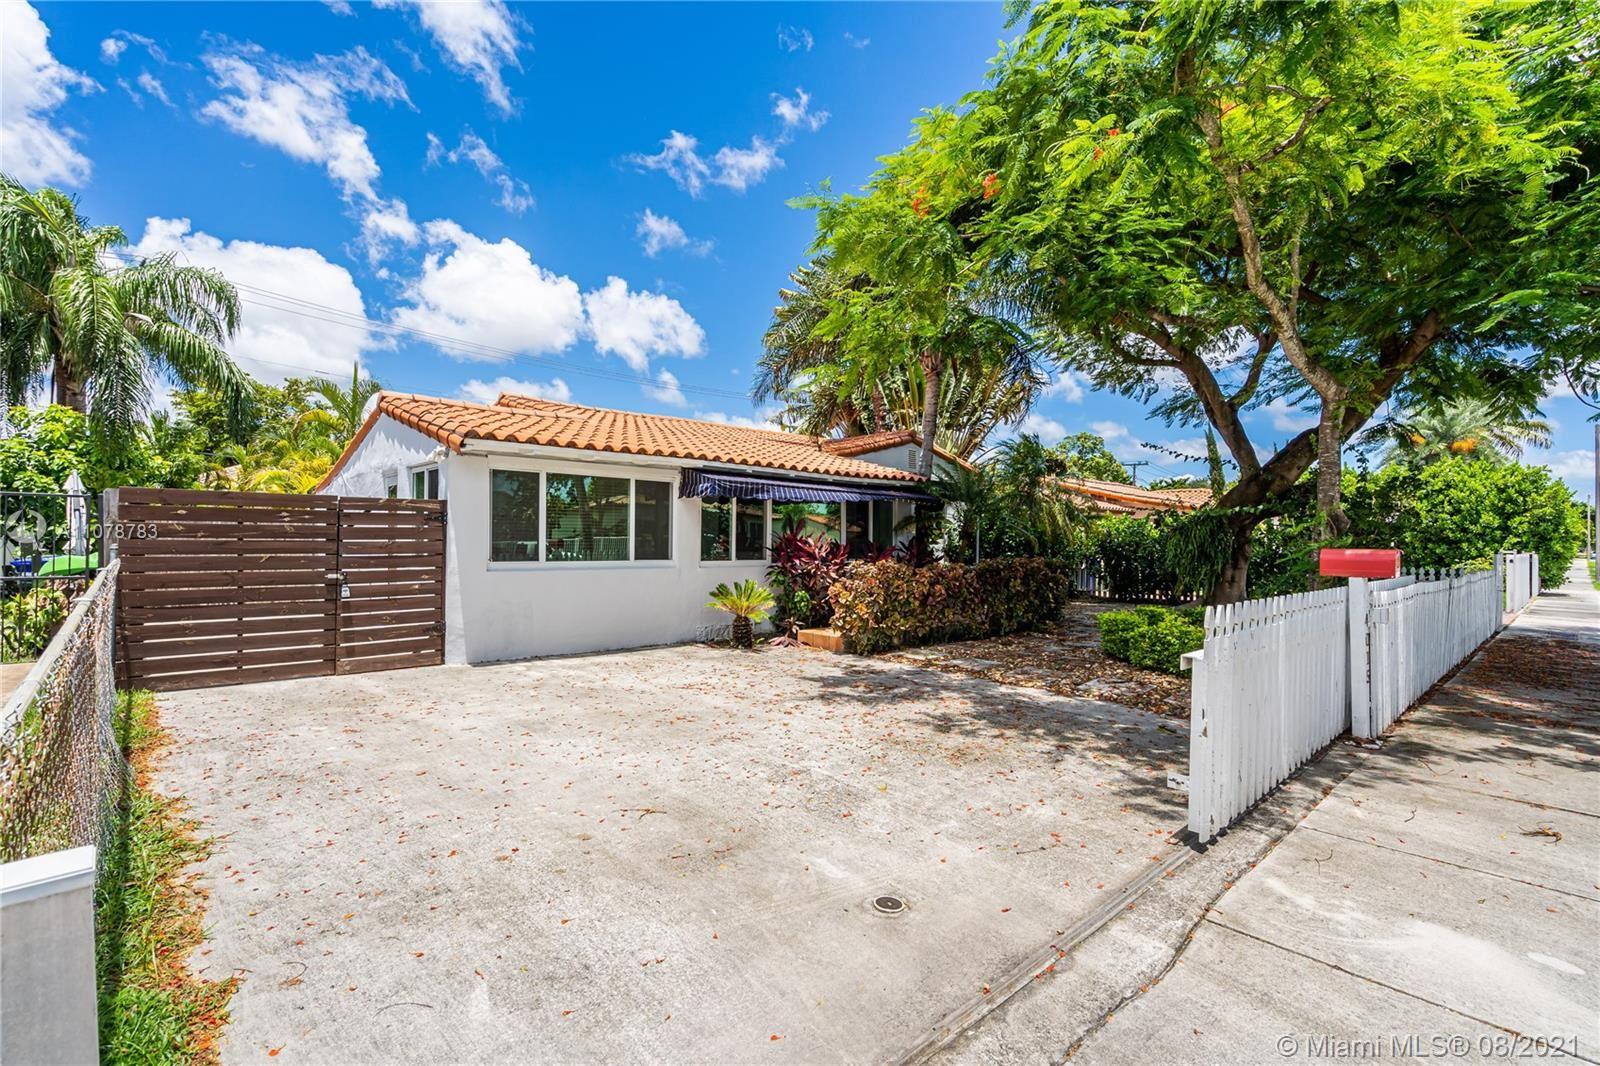 4015 NW 4th Ter, Miami, FL 33126 - #: A11078783